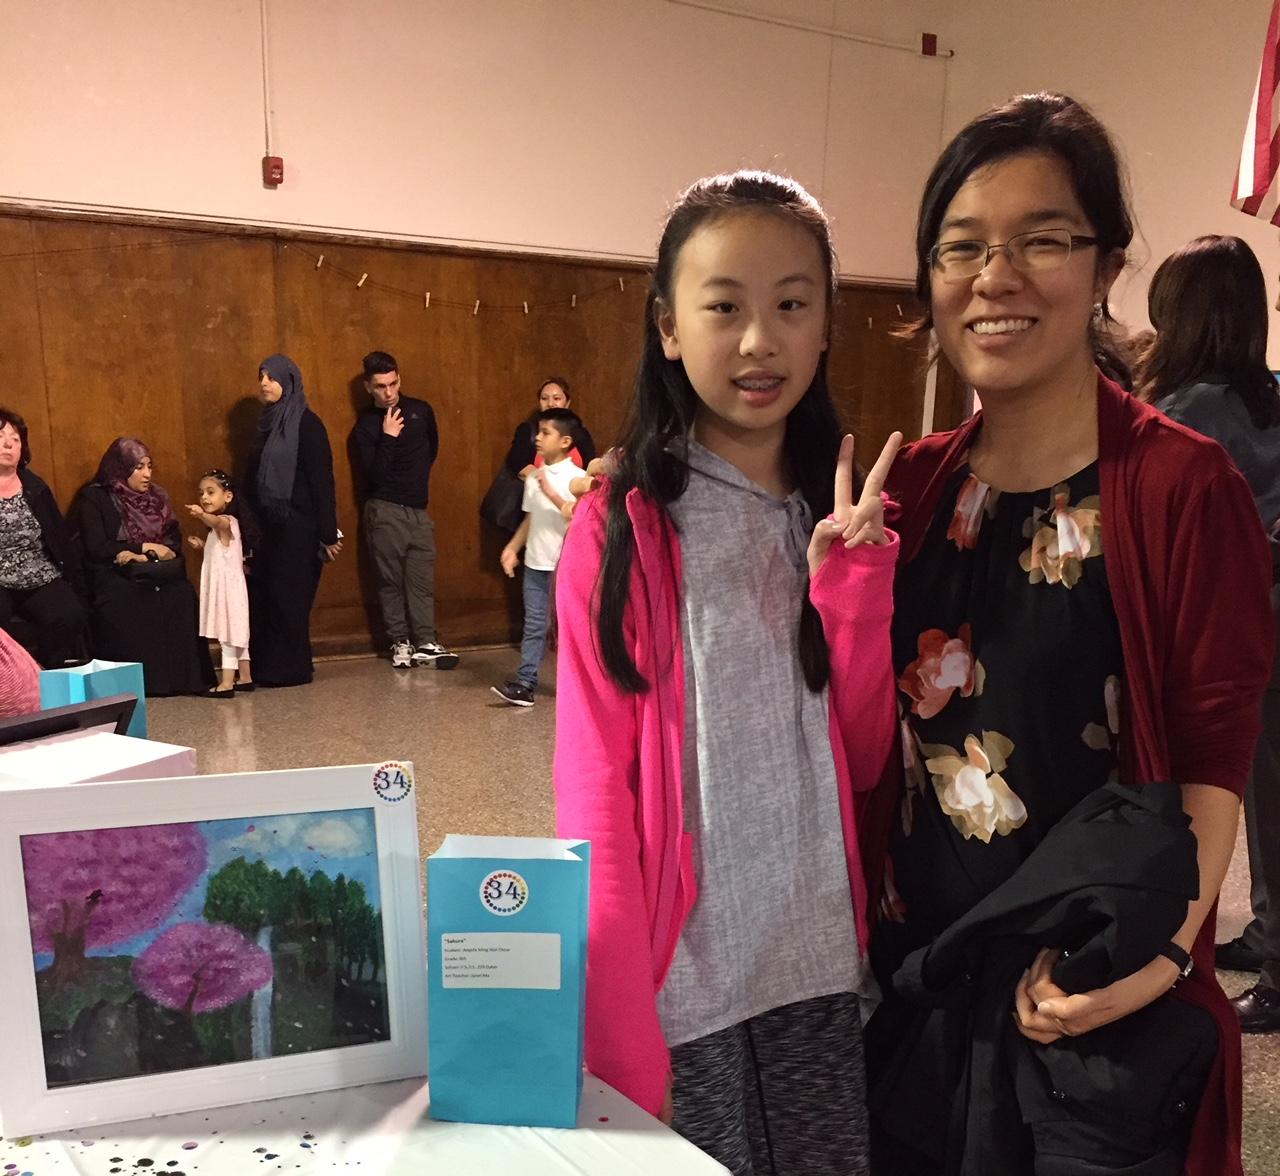 Stem Fair Jordan School District: P.S./I.S. 229K, Brooklyn, NY